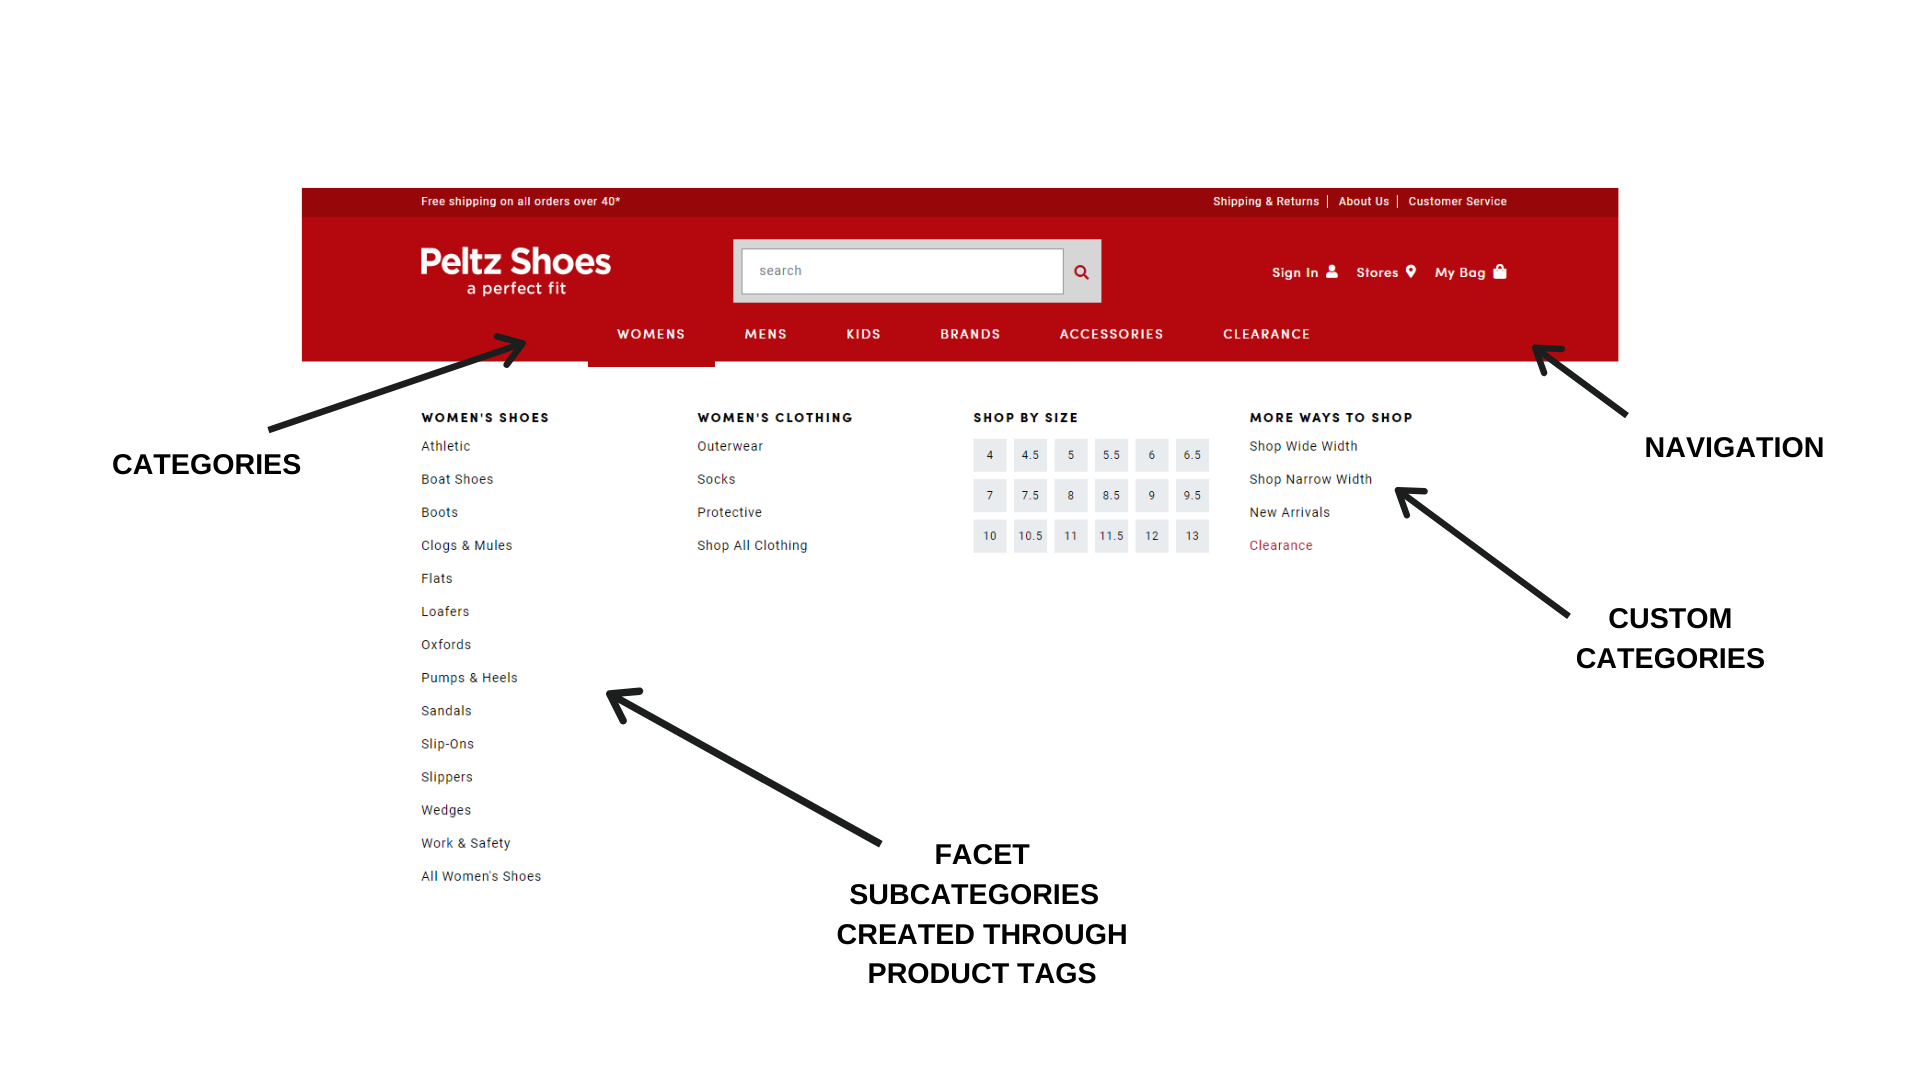 Peltz shoes navigation menu facets graphic